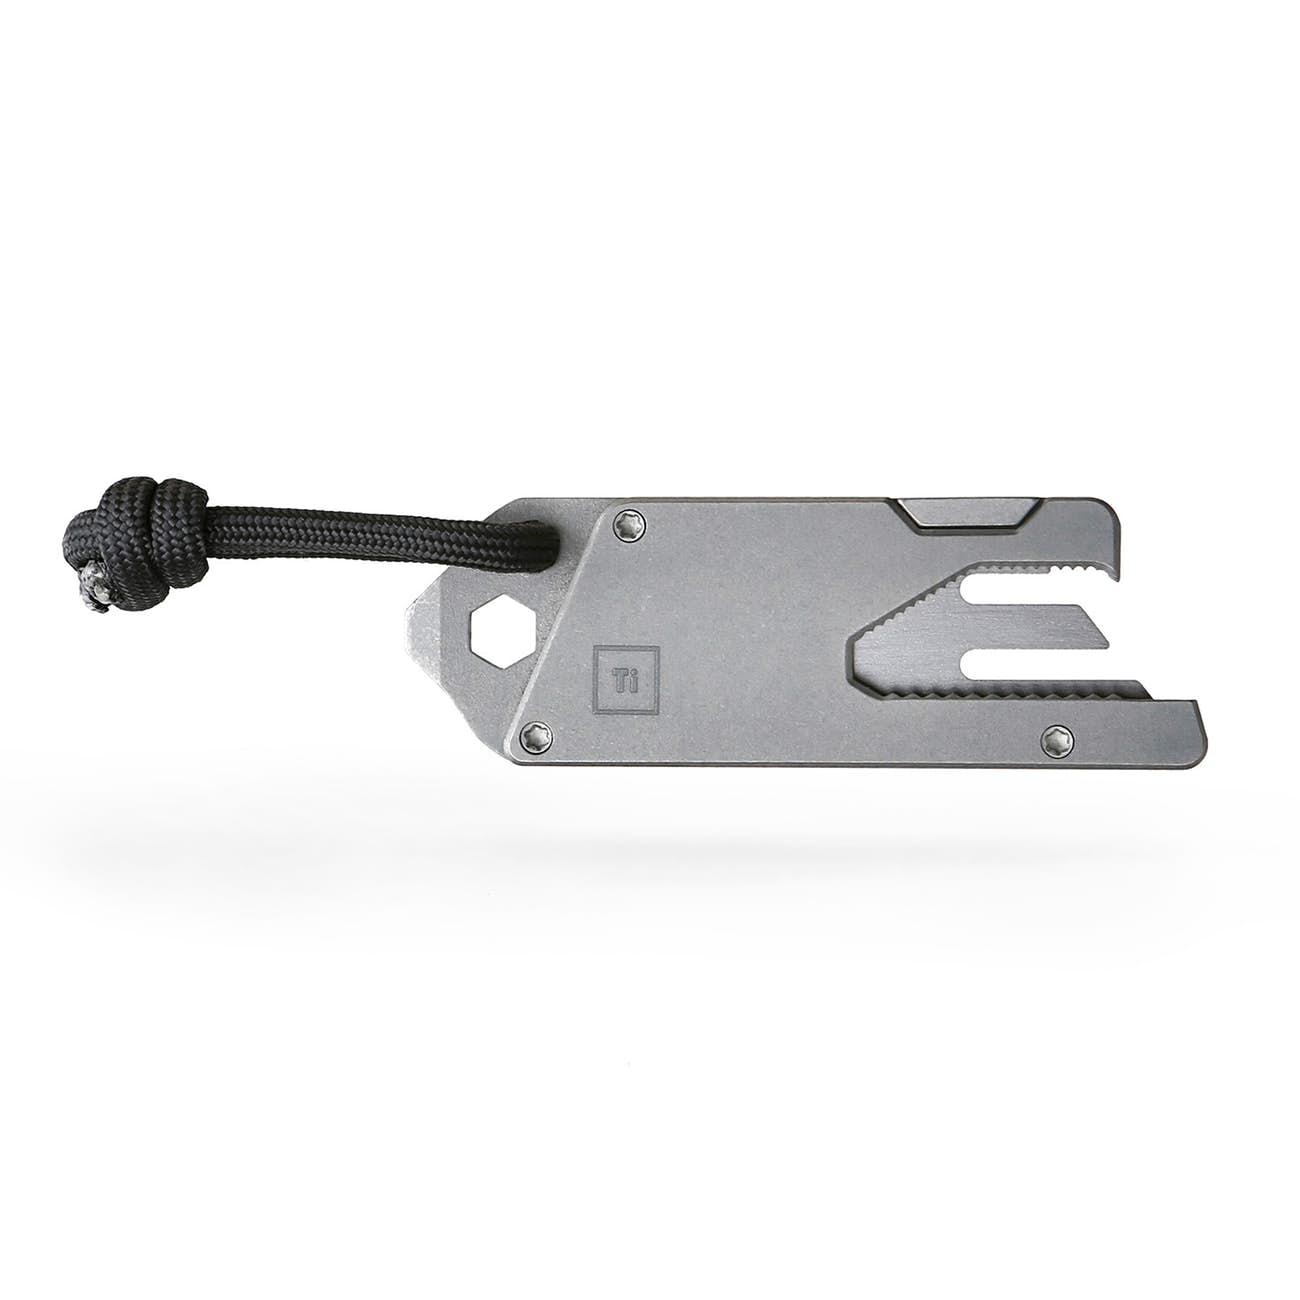 13-in-1 titanium tool front